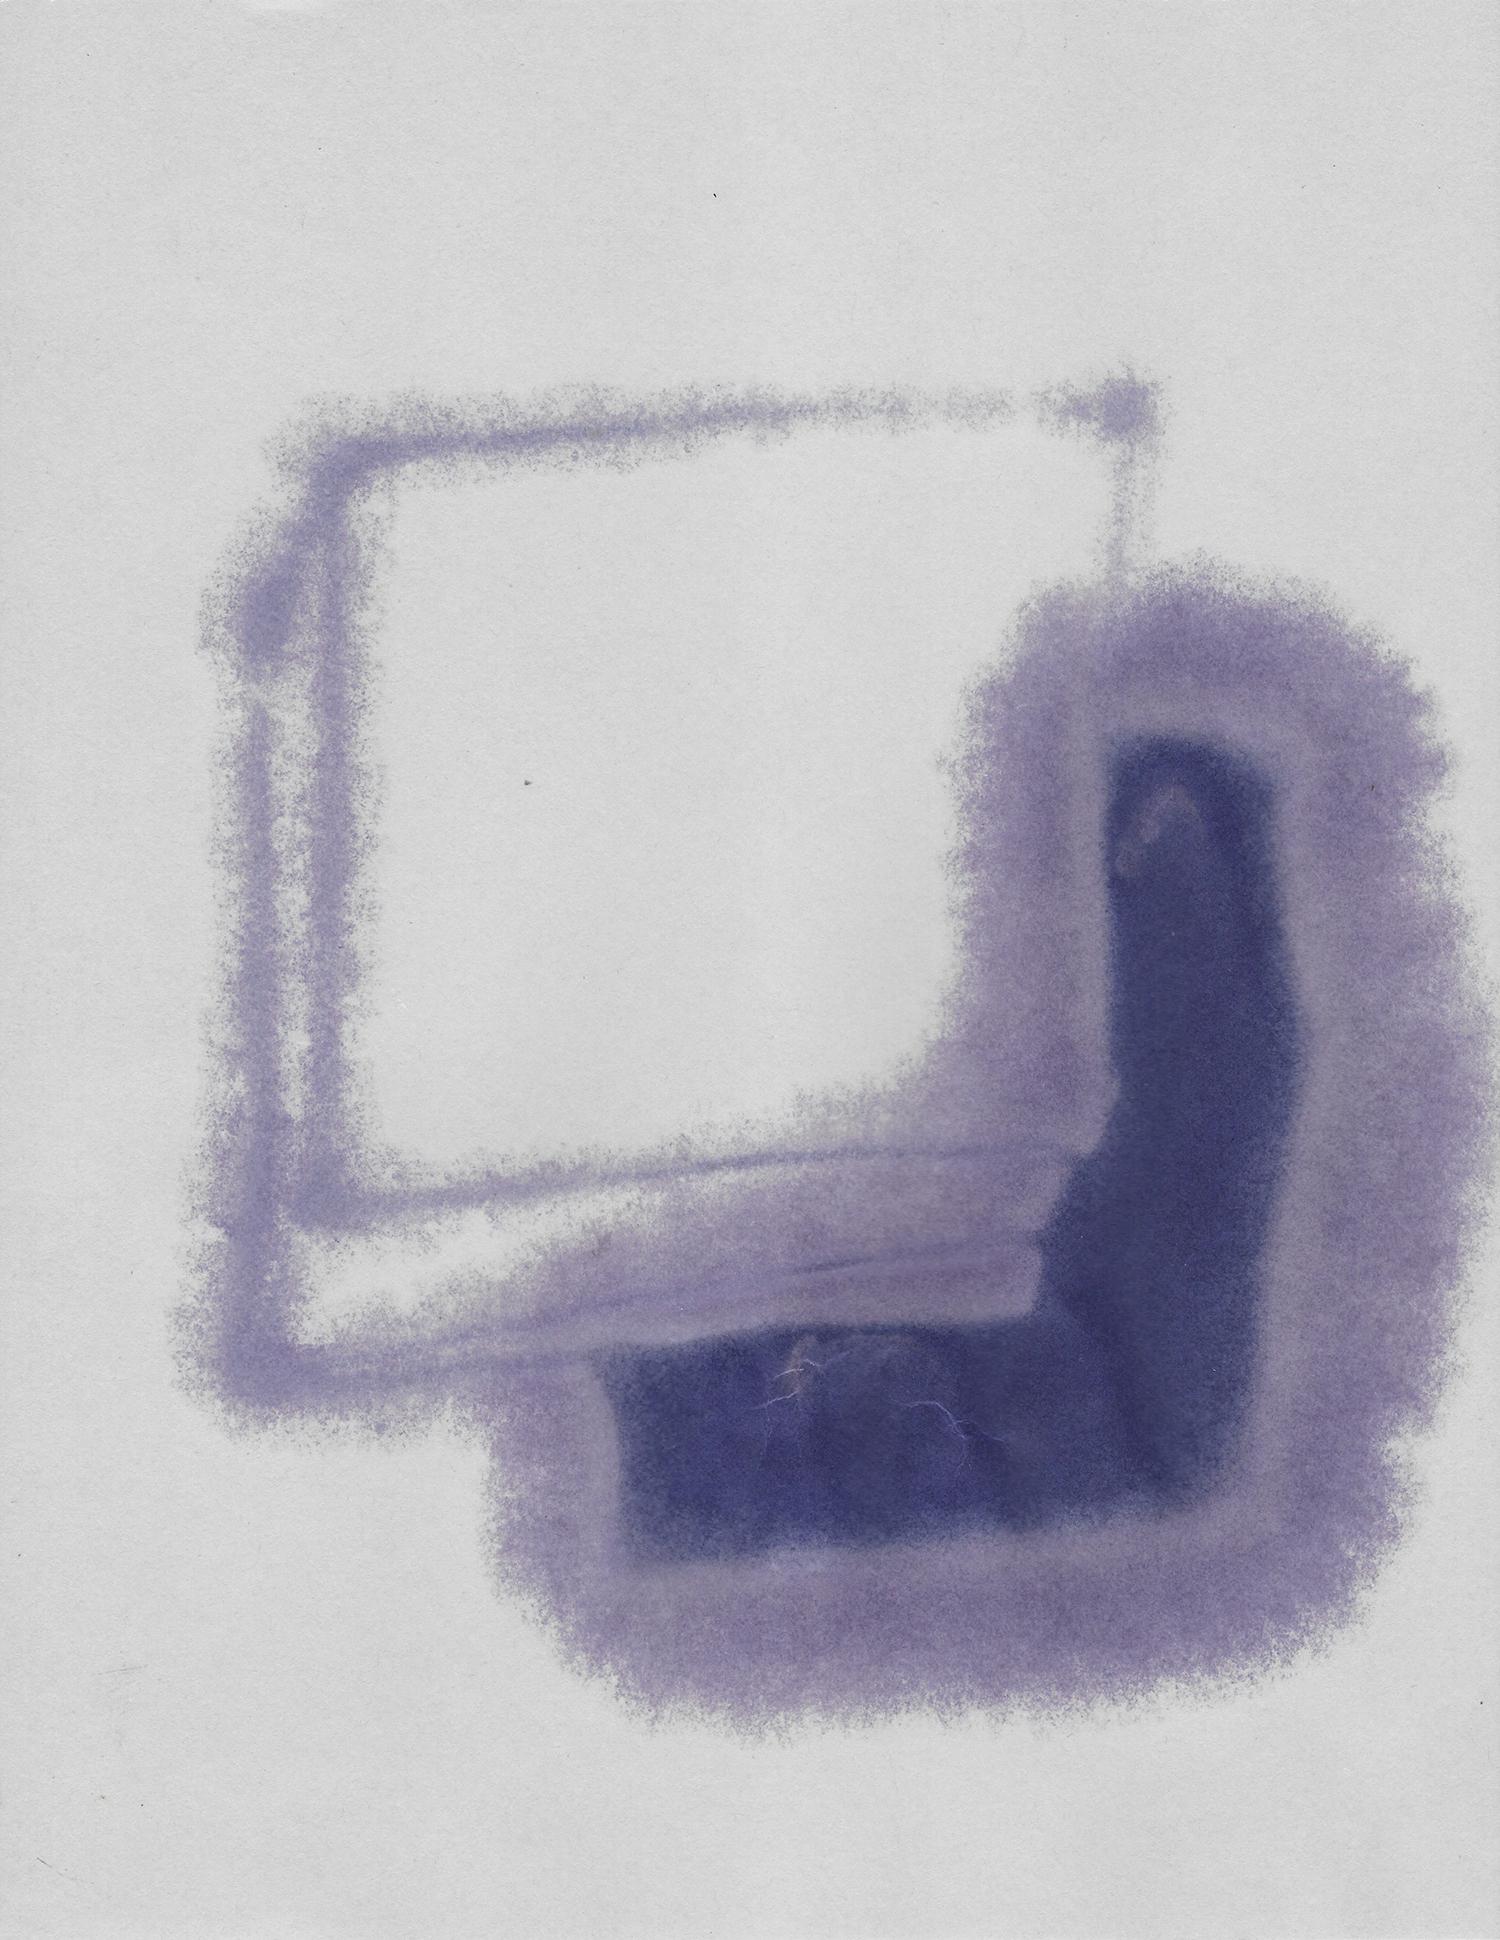 Terre des hommes  , 2017, tonner sobre papel, 28 x 22 cm.